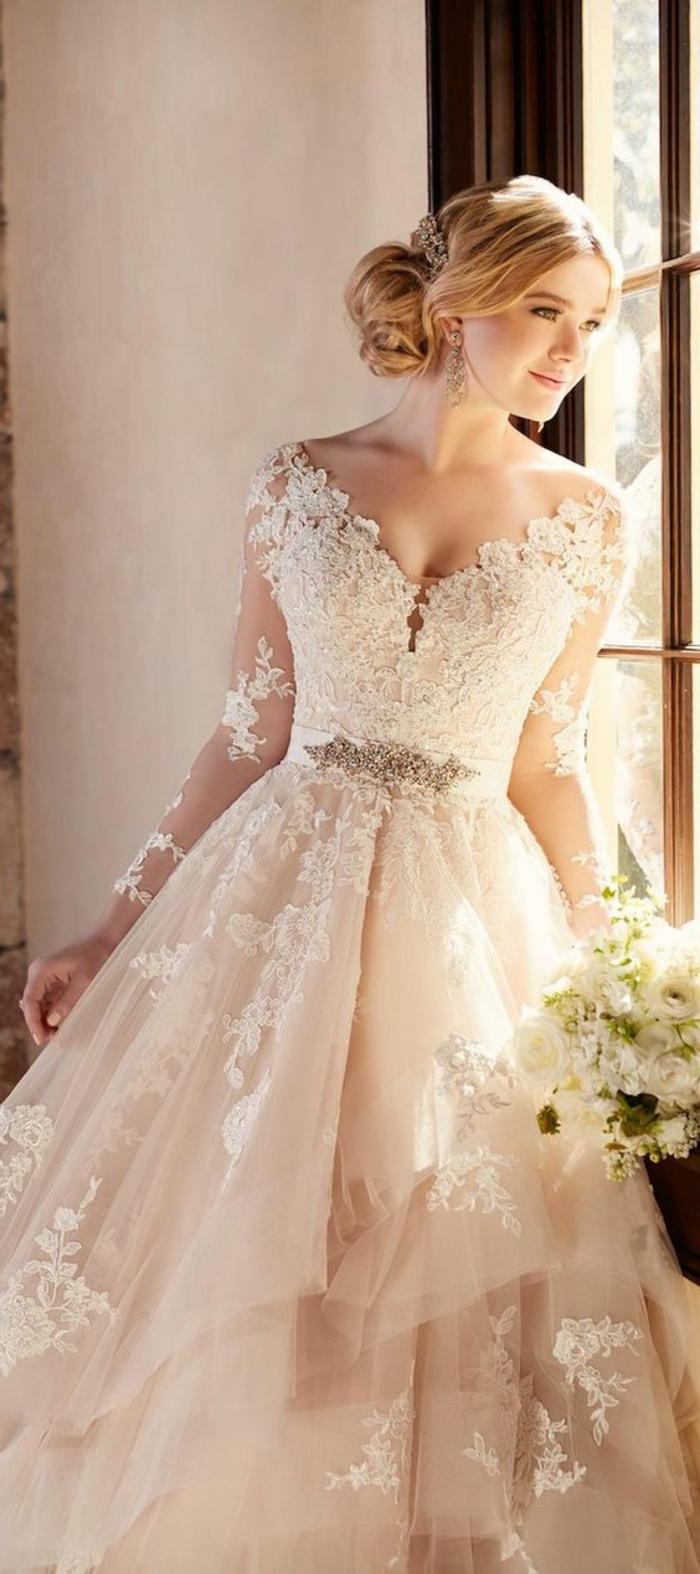 robe de mariée couleur champagne, robe évasée couleur champagne, manches-longues